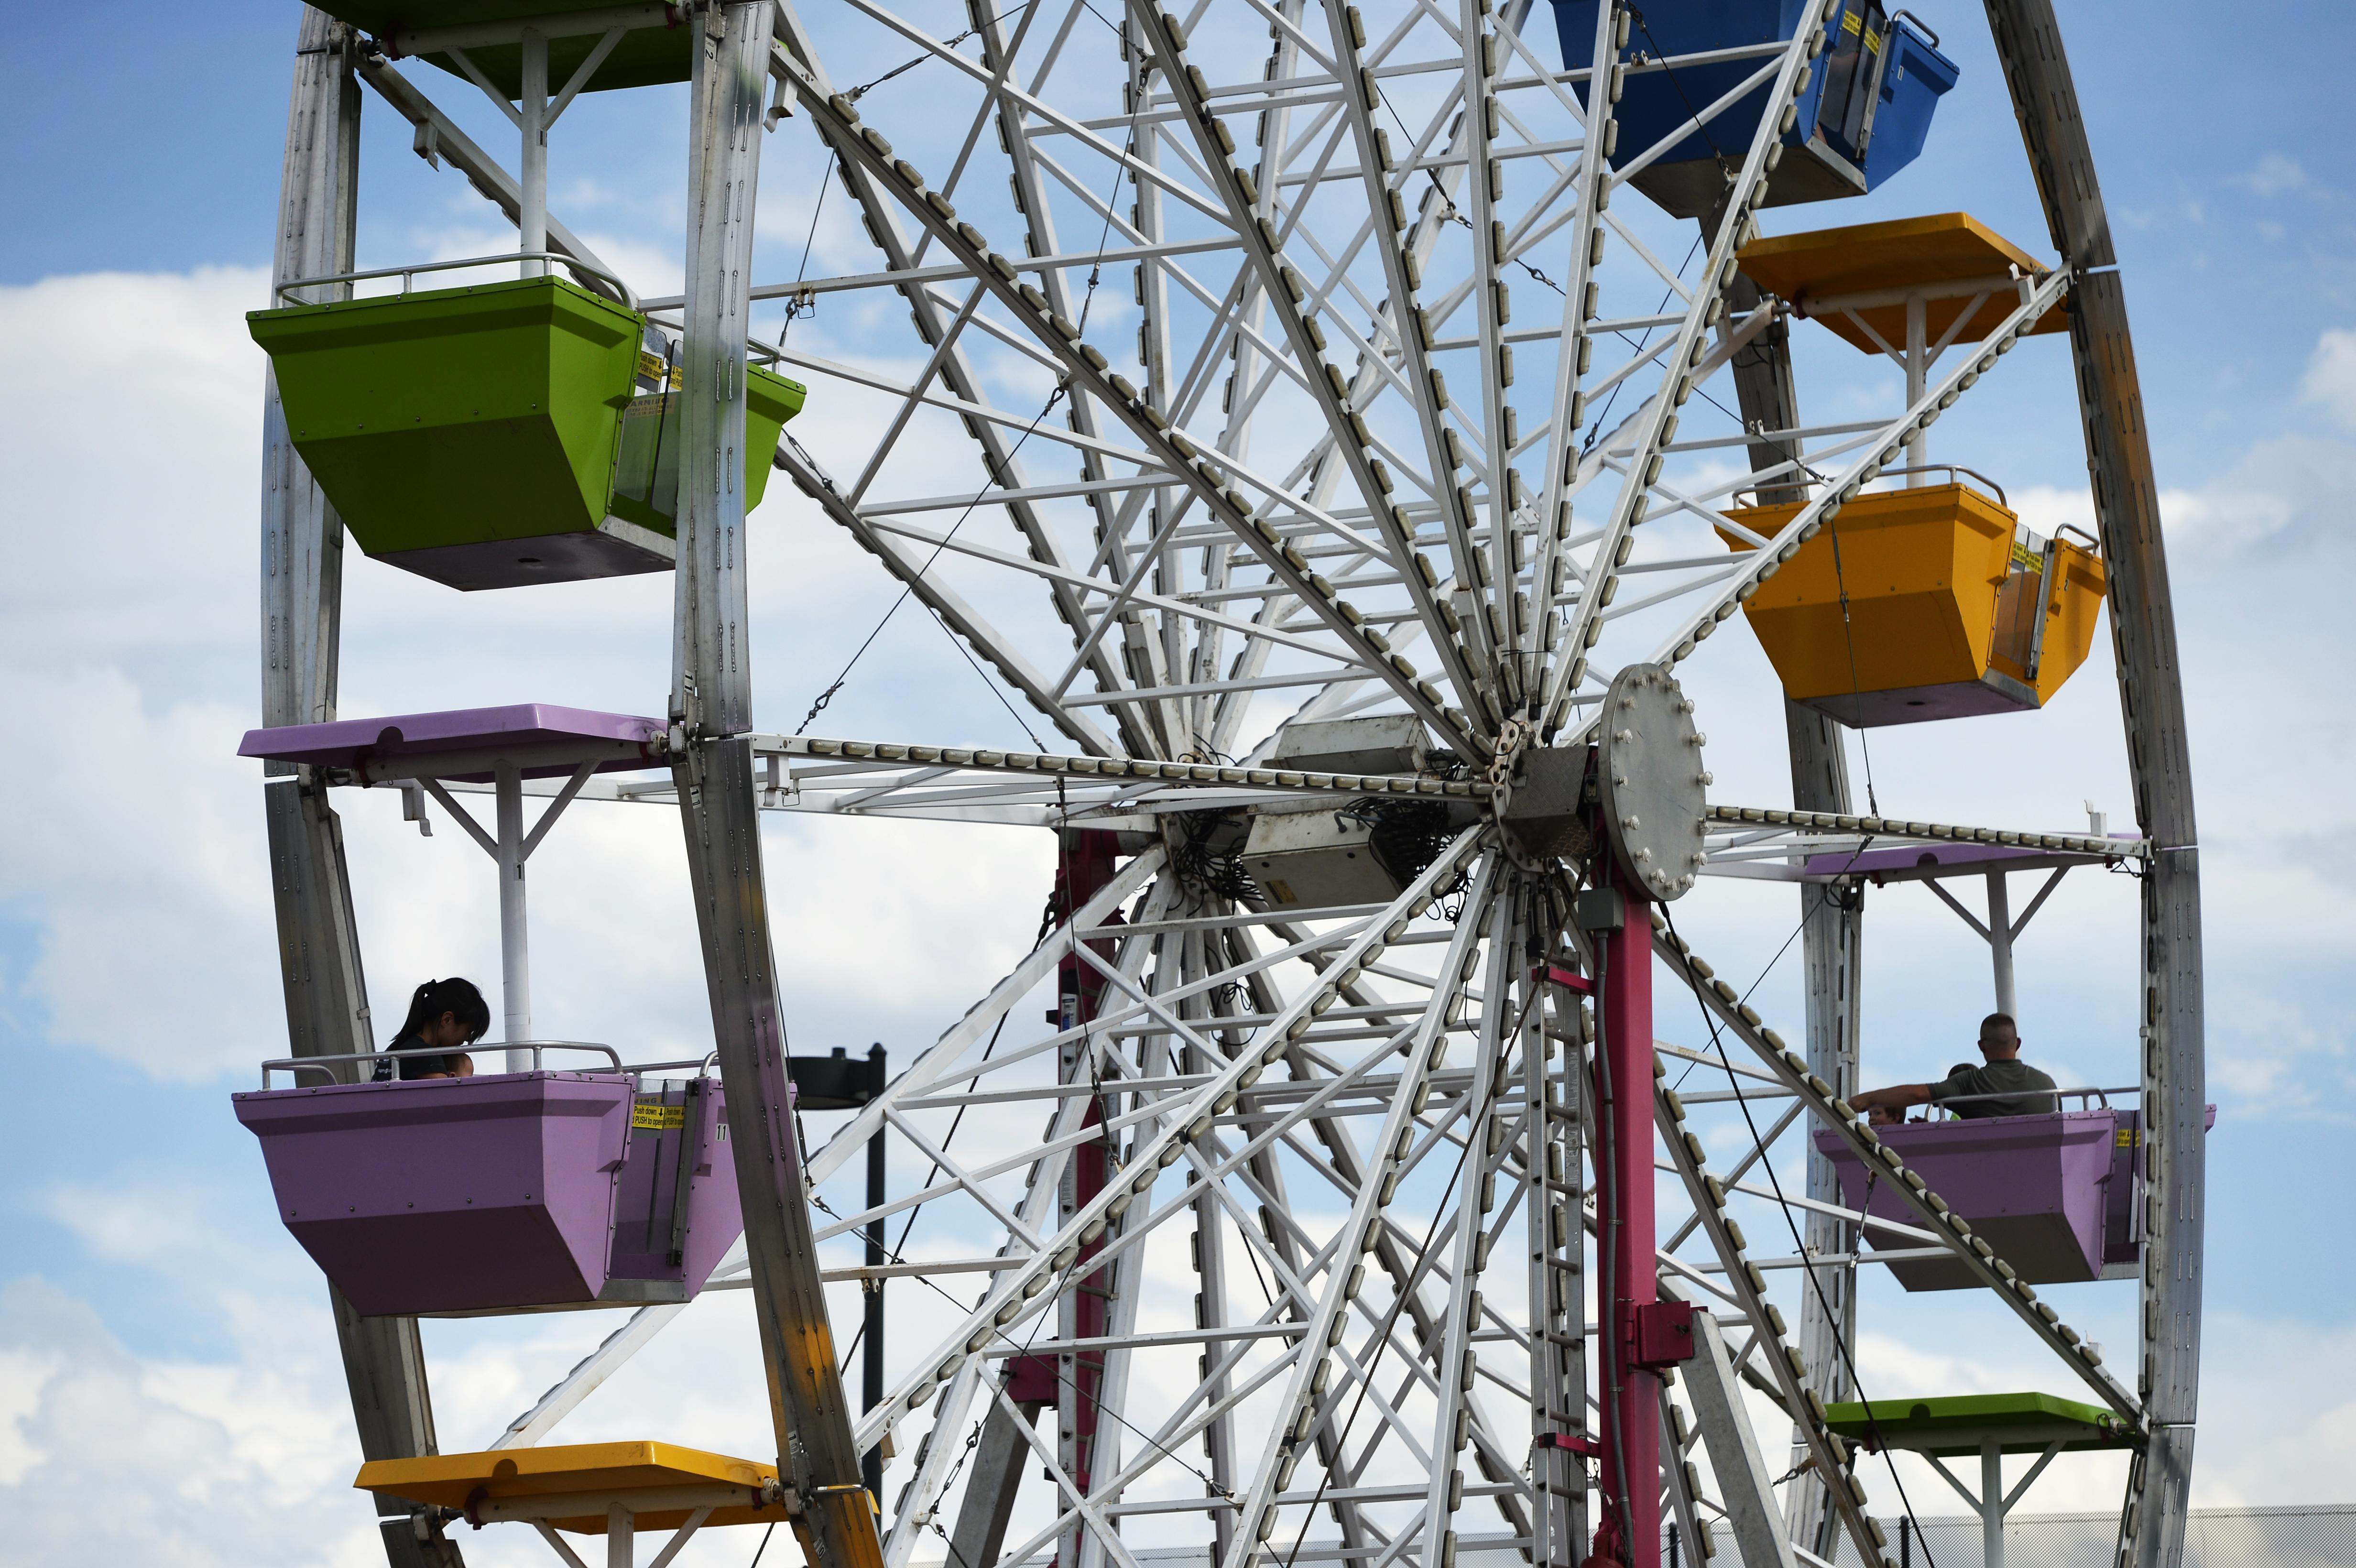 Denver County Fair, Denver, CO, Jul 13-15